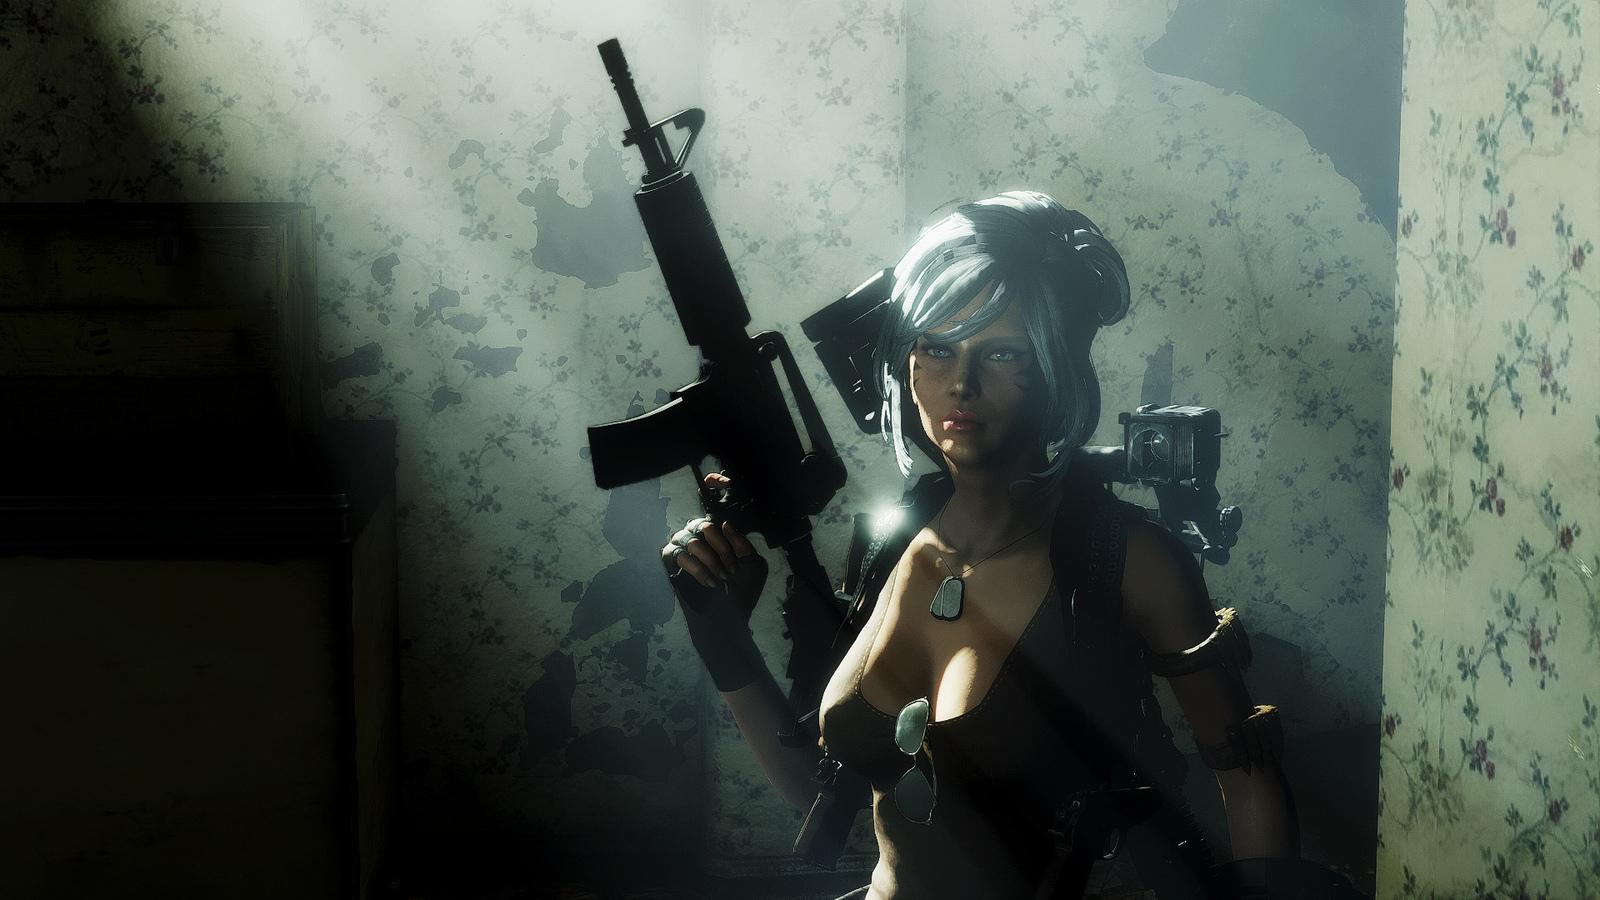 30612684623_01a1ebb52f_h.jpg - Fallout 4